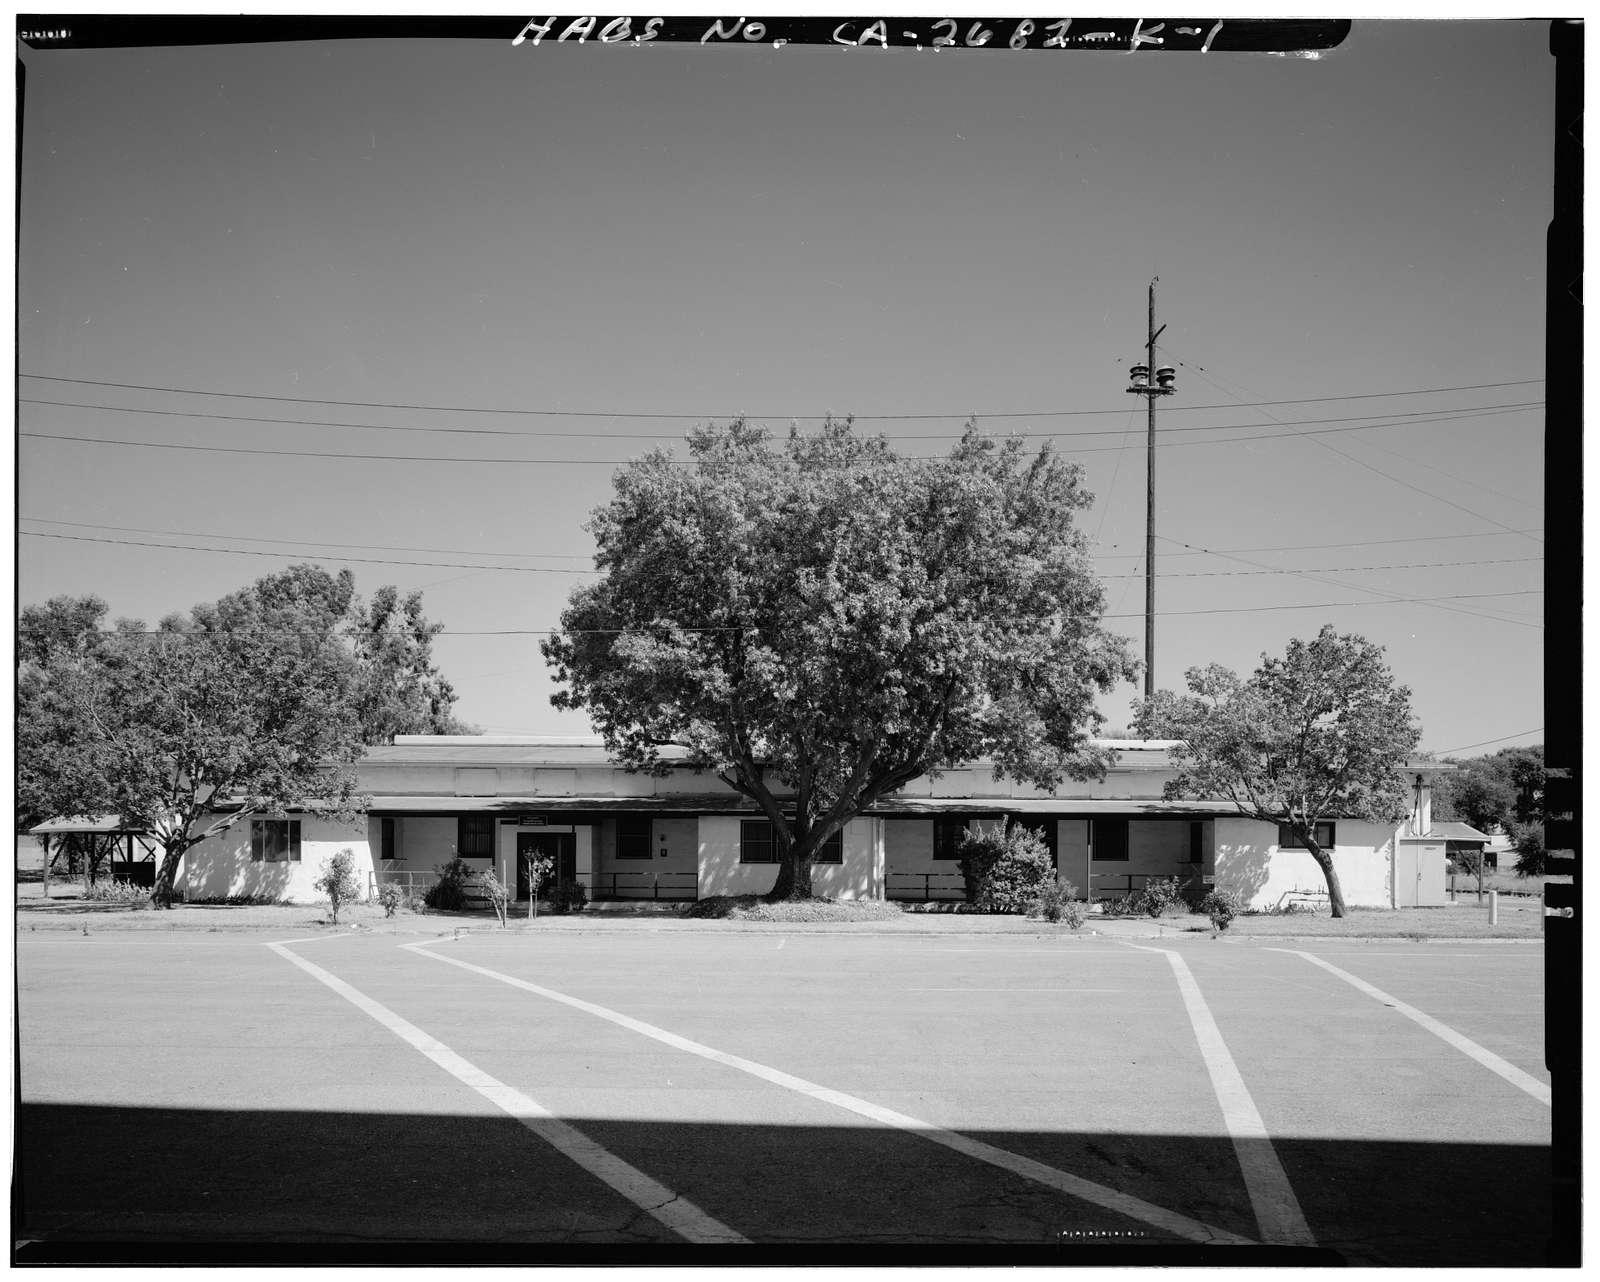 Naval Supply Annex Stockton, Cafeteria, Southeast corner of Daly Drive & Cromwell Avenue, Stockton, San Joaquin County, CA